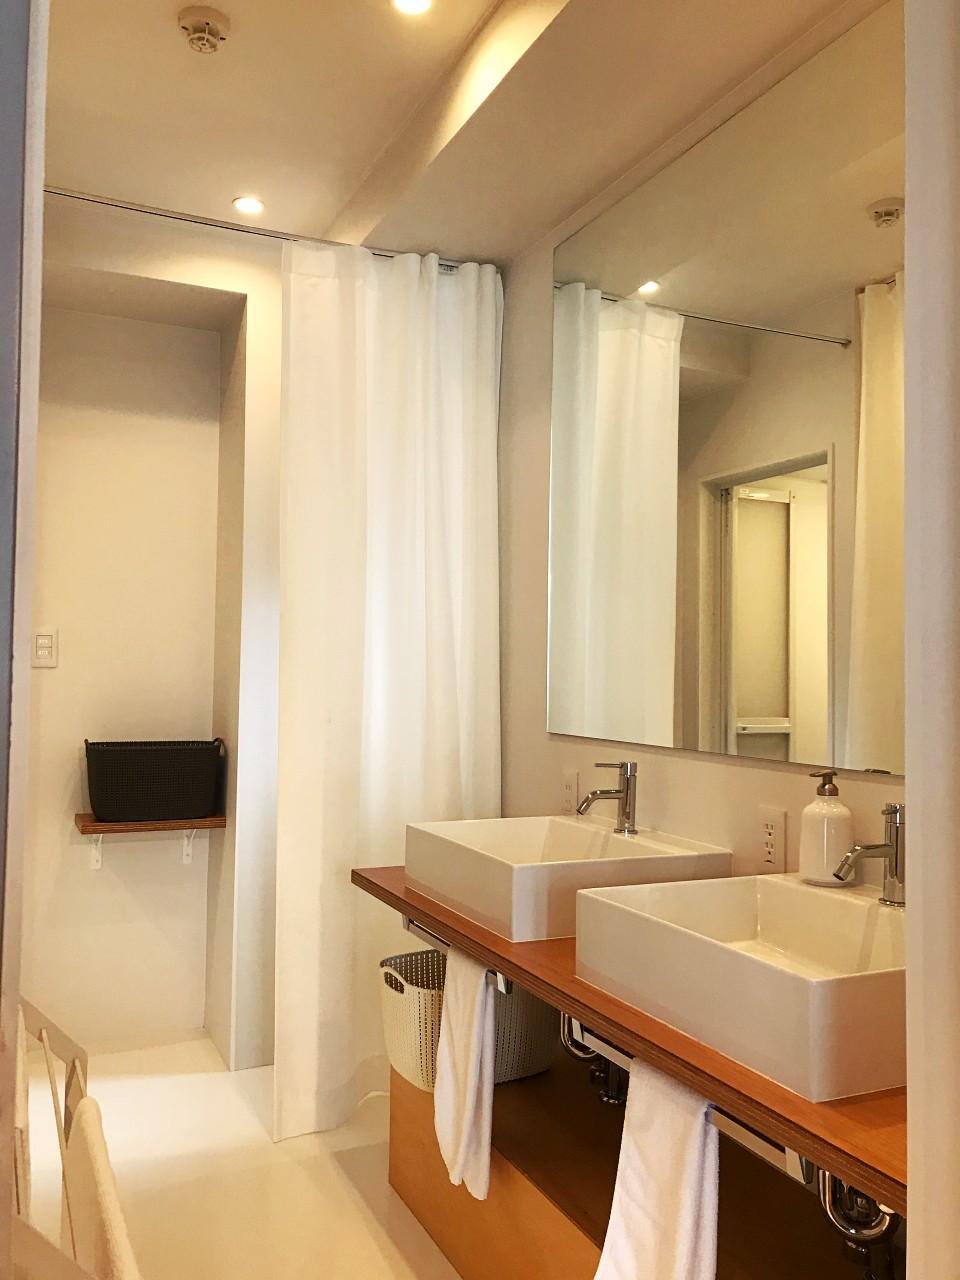 ドミトリー型の3階は洗面が2つ。シャワーブースも2つです